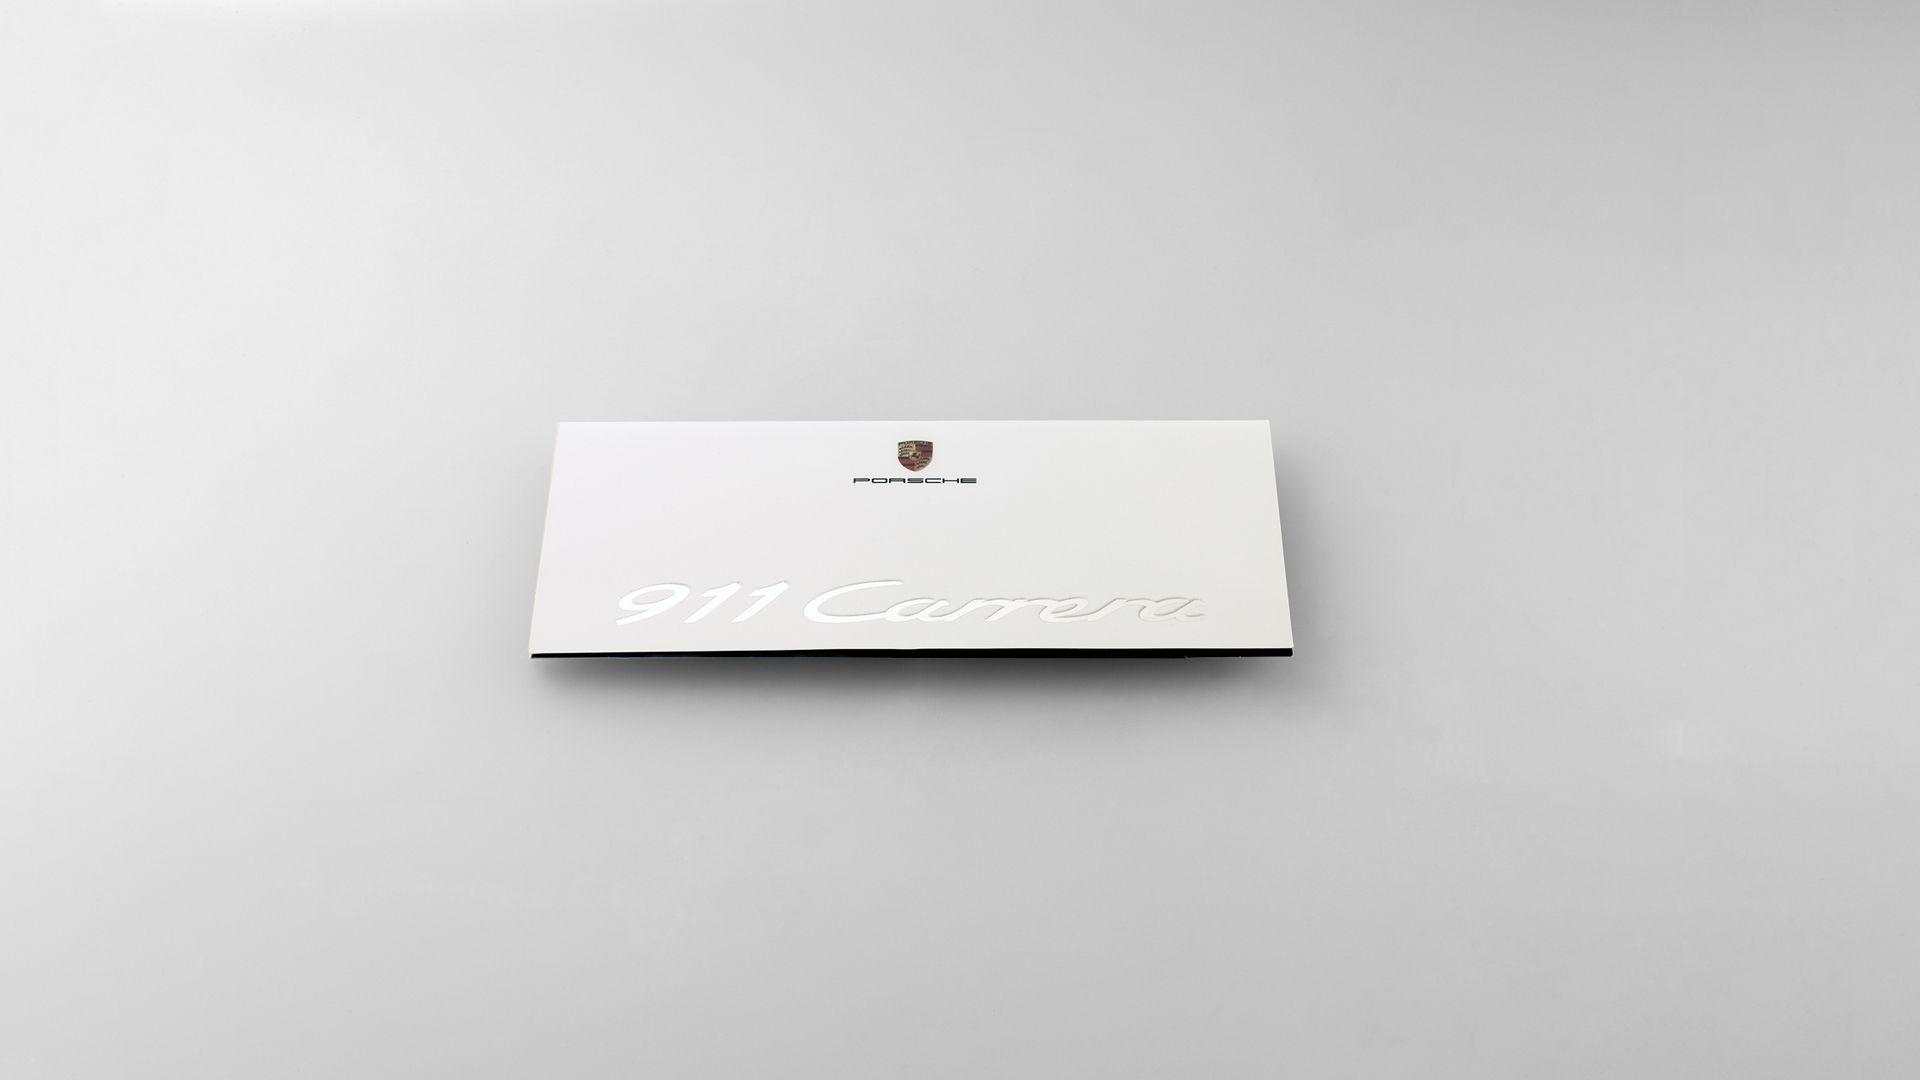 01-entipo-direct-mail-porsche.jpg